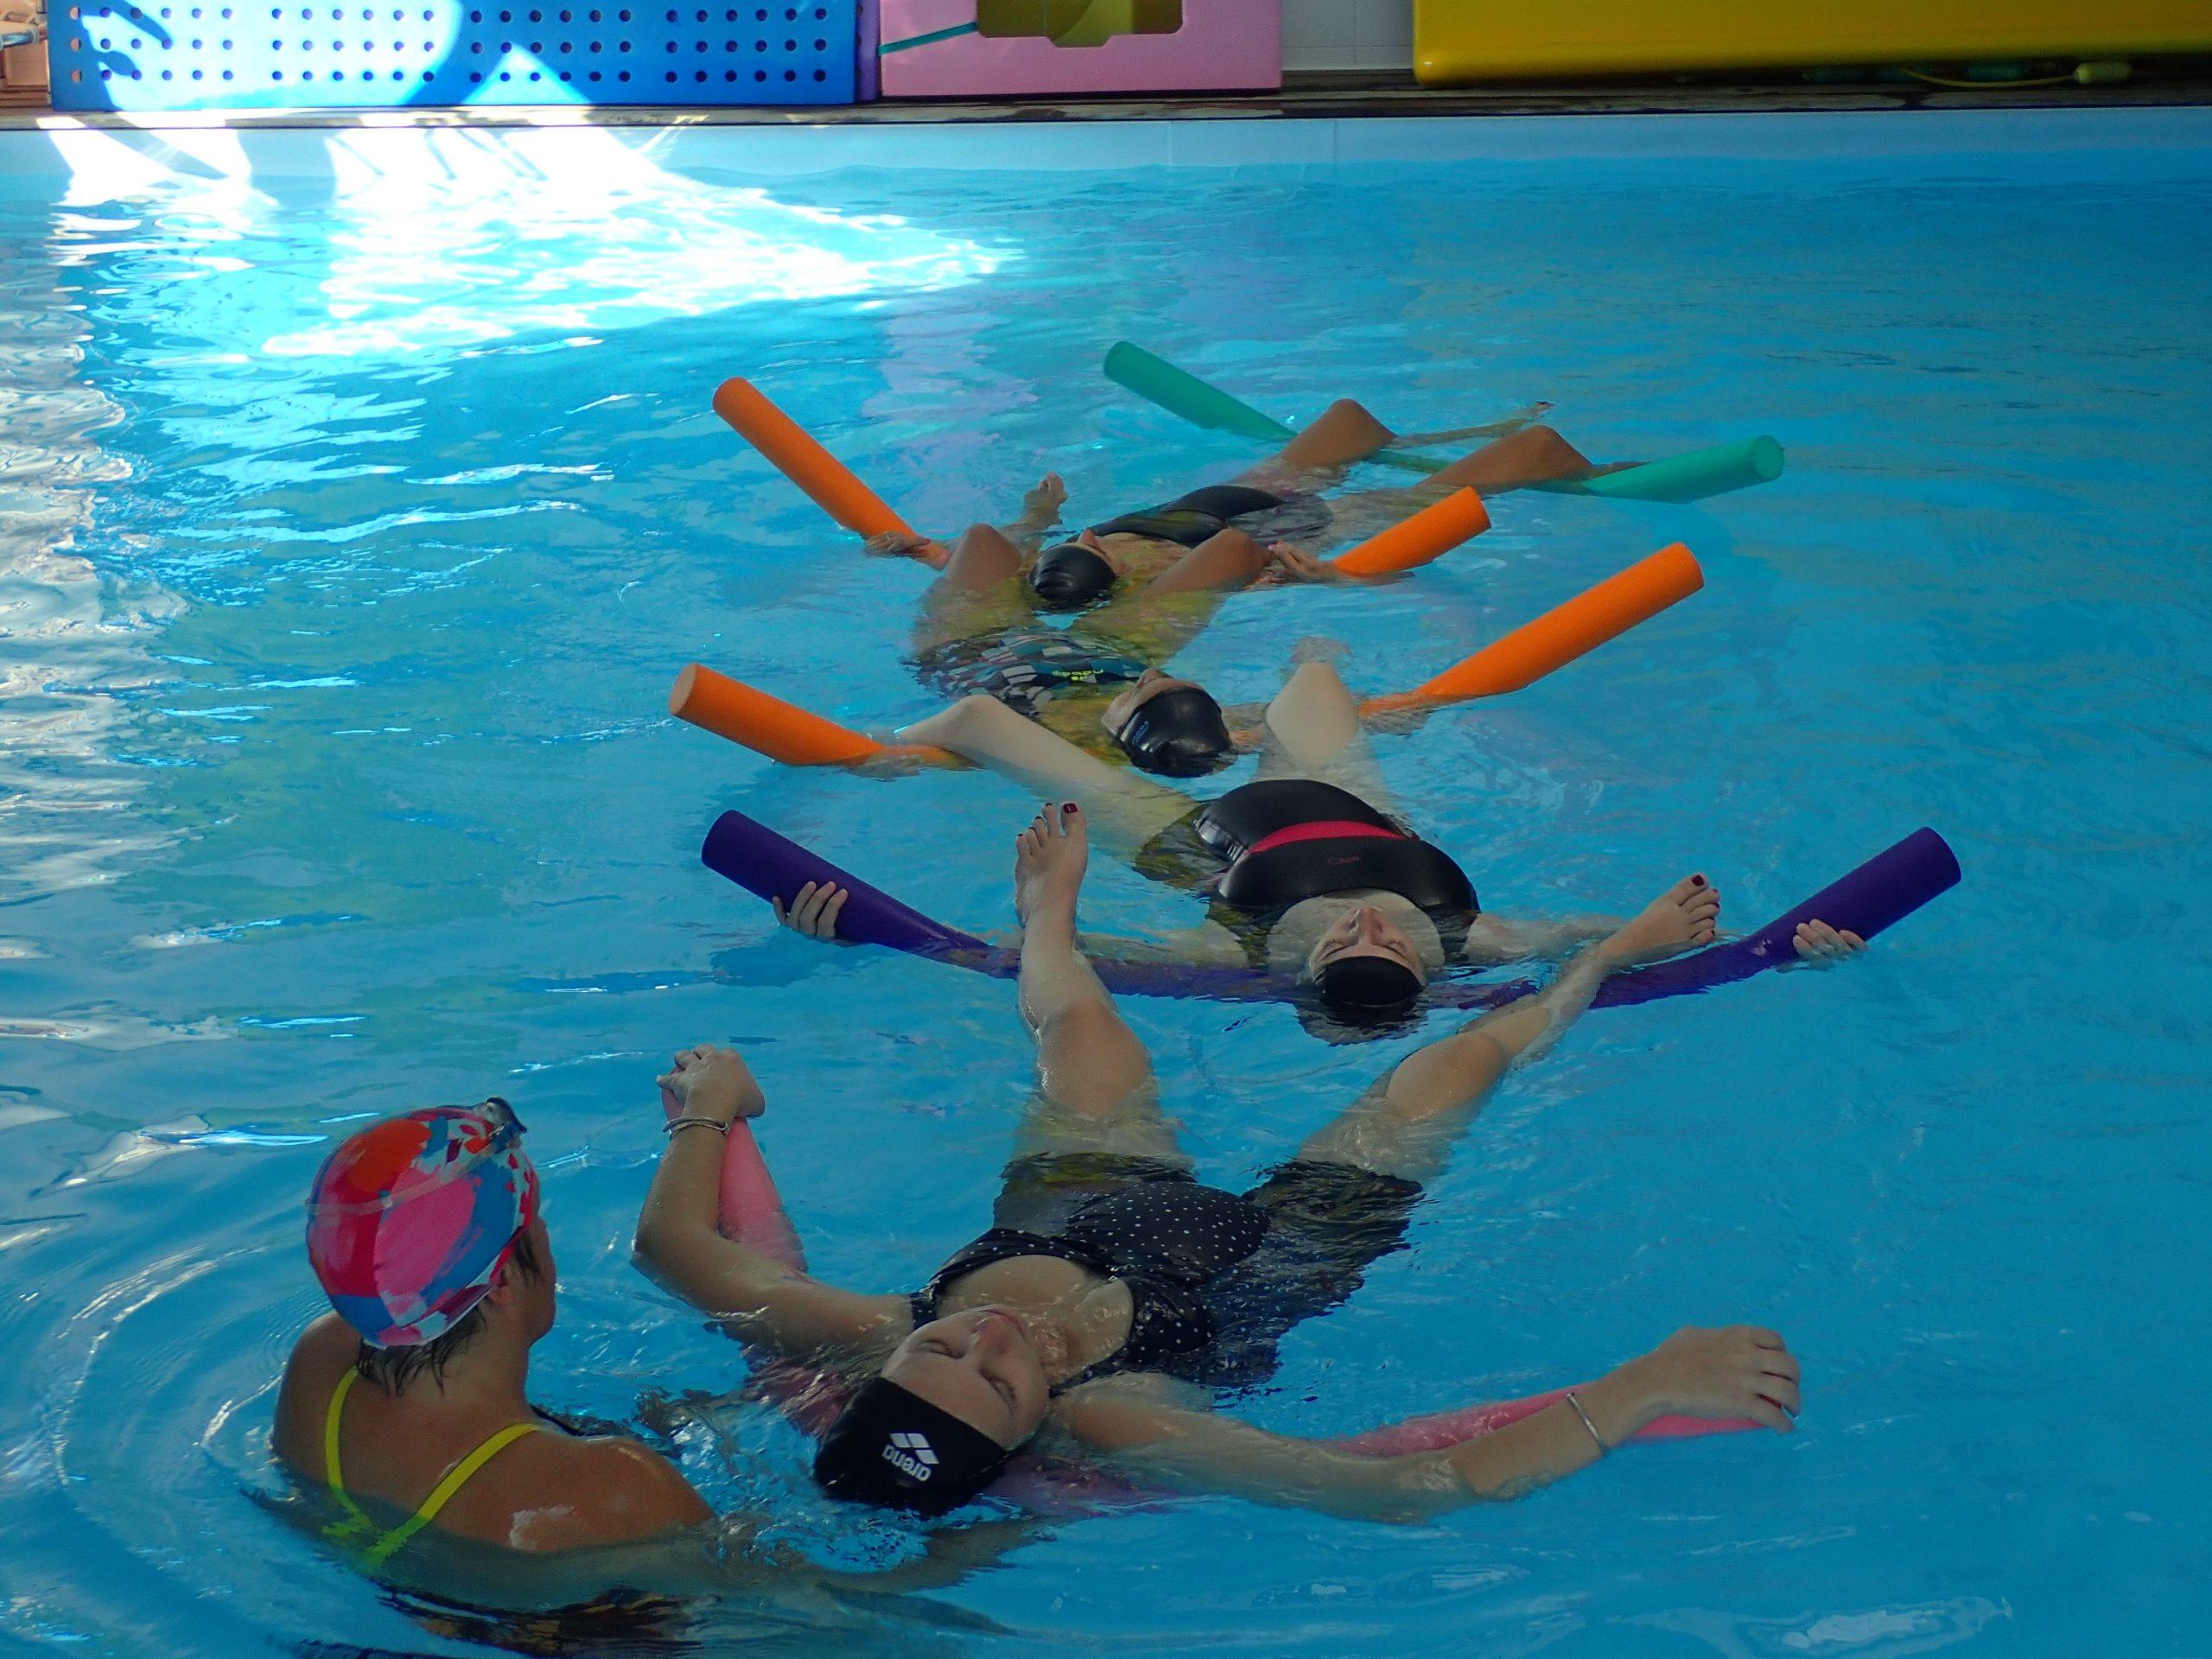 Centre Aquatique Isère, Parc Aquatique Grenoble | Aqua'tlantis concernant Piscine Saint Martin D Heres